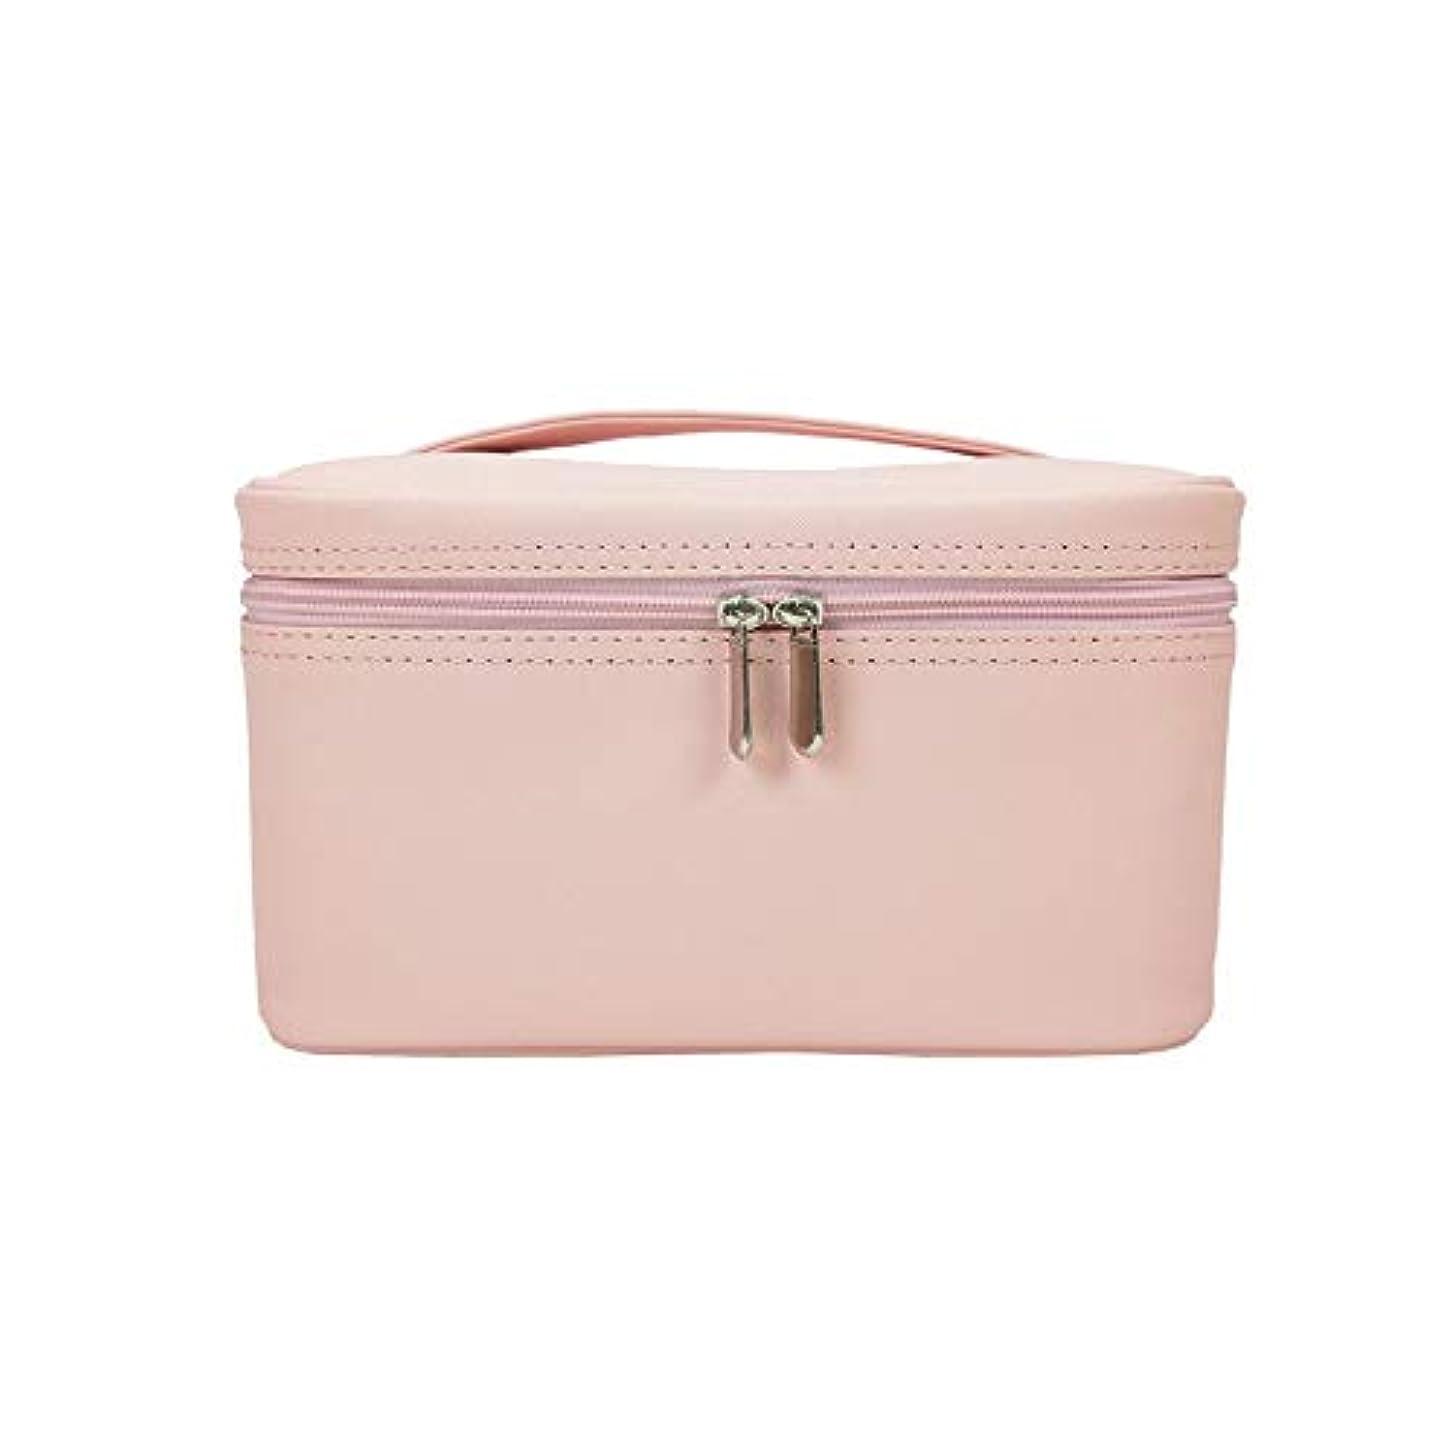 シンククリップエミュレートする特大スペース収納ビューティーボックス 女の子の女性旅行のための新しく、実用的な携帯用化粧箱およびロックおよび皿が付いている毎日の貯蔵 化粧品化粧台 (色 : ピンク)